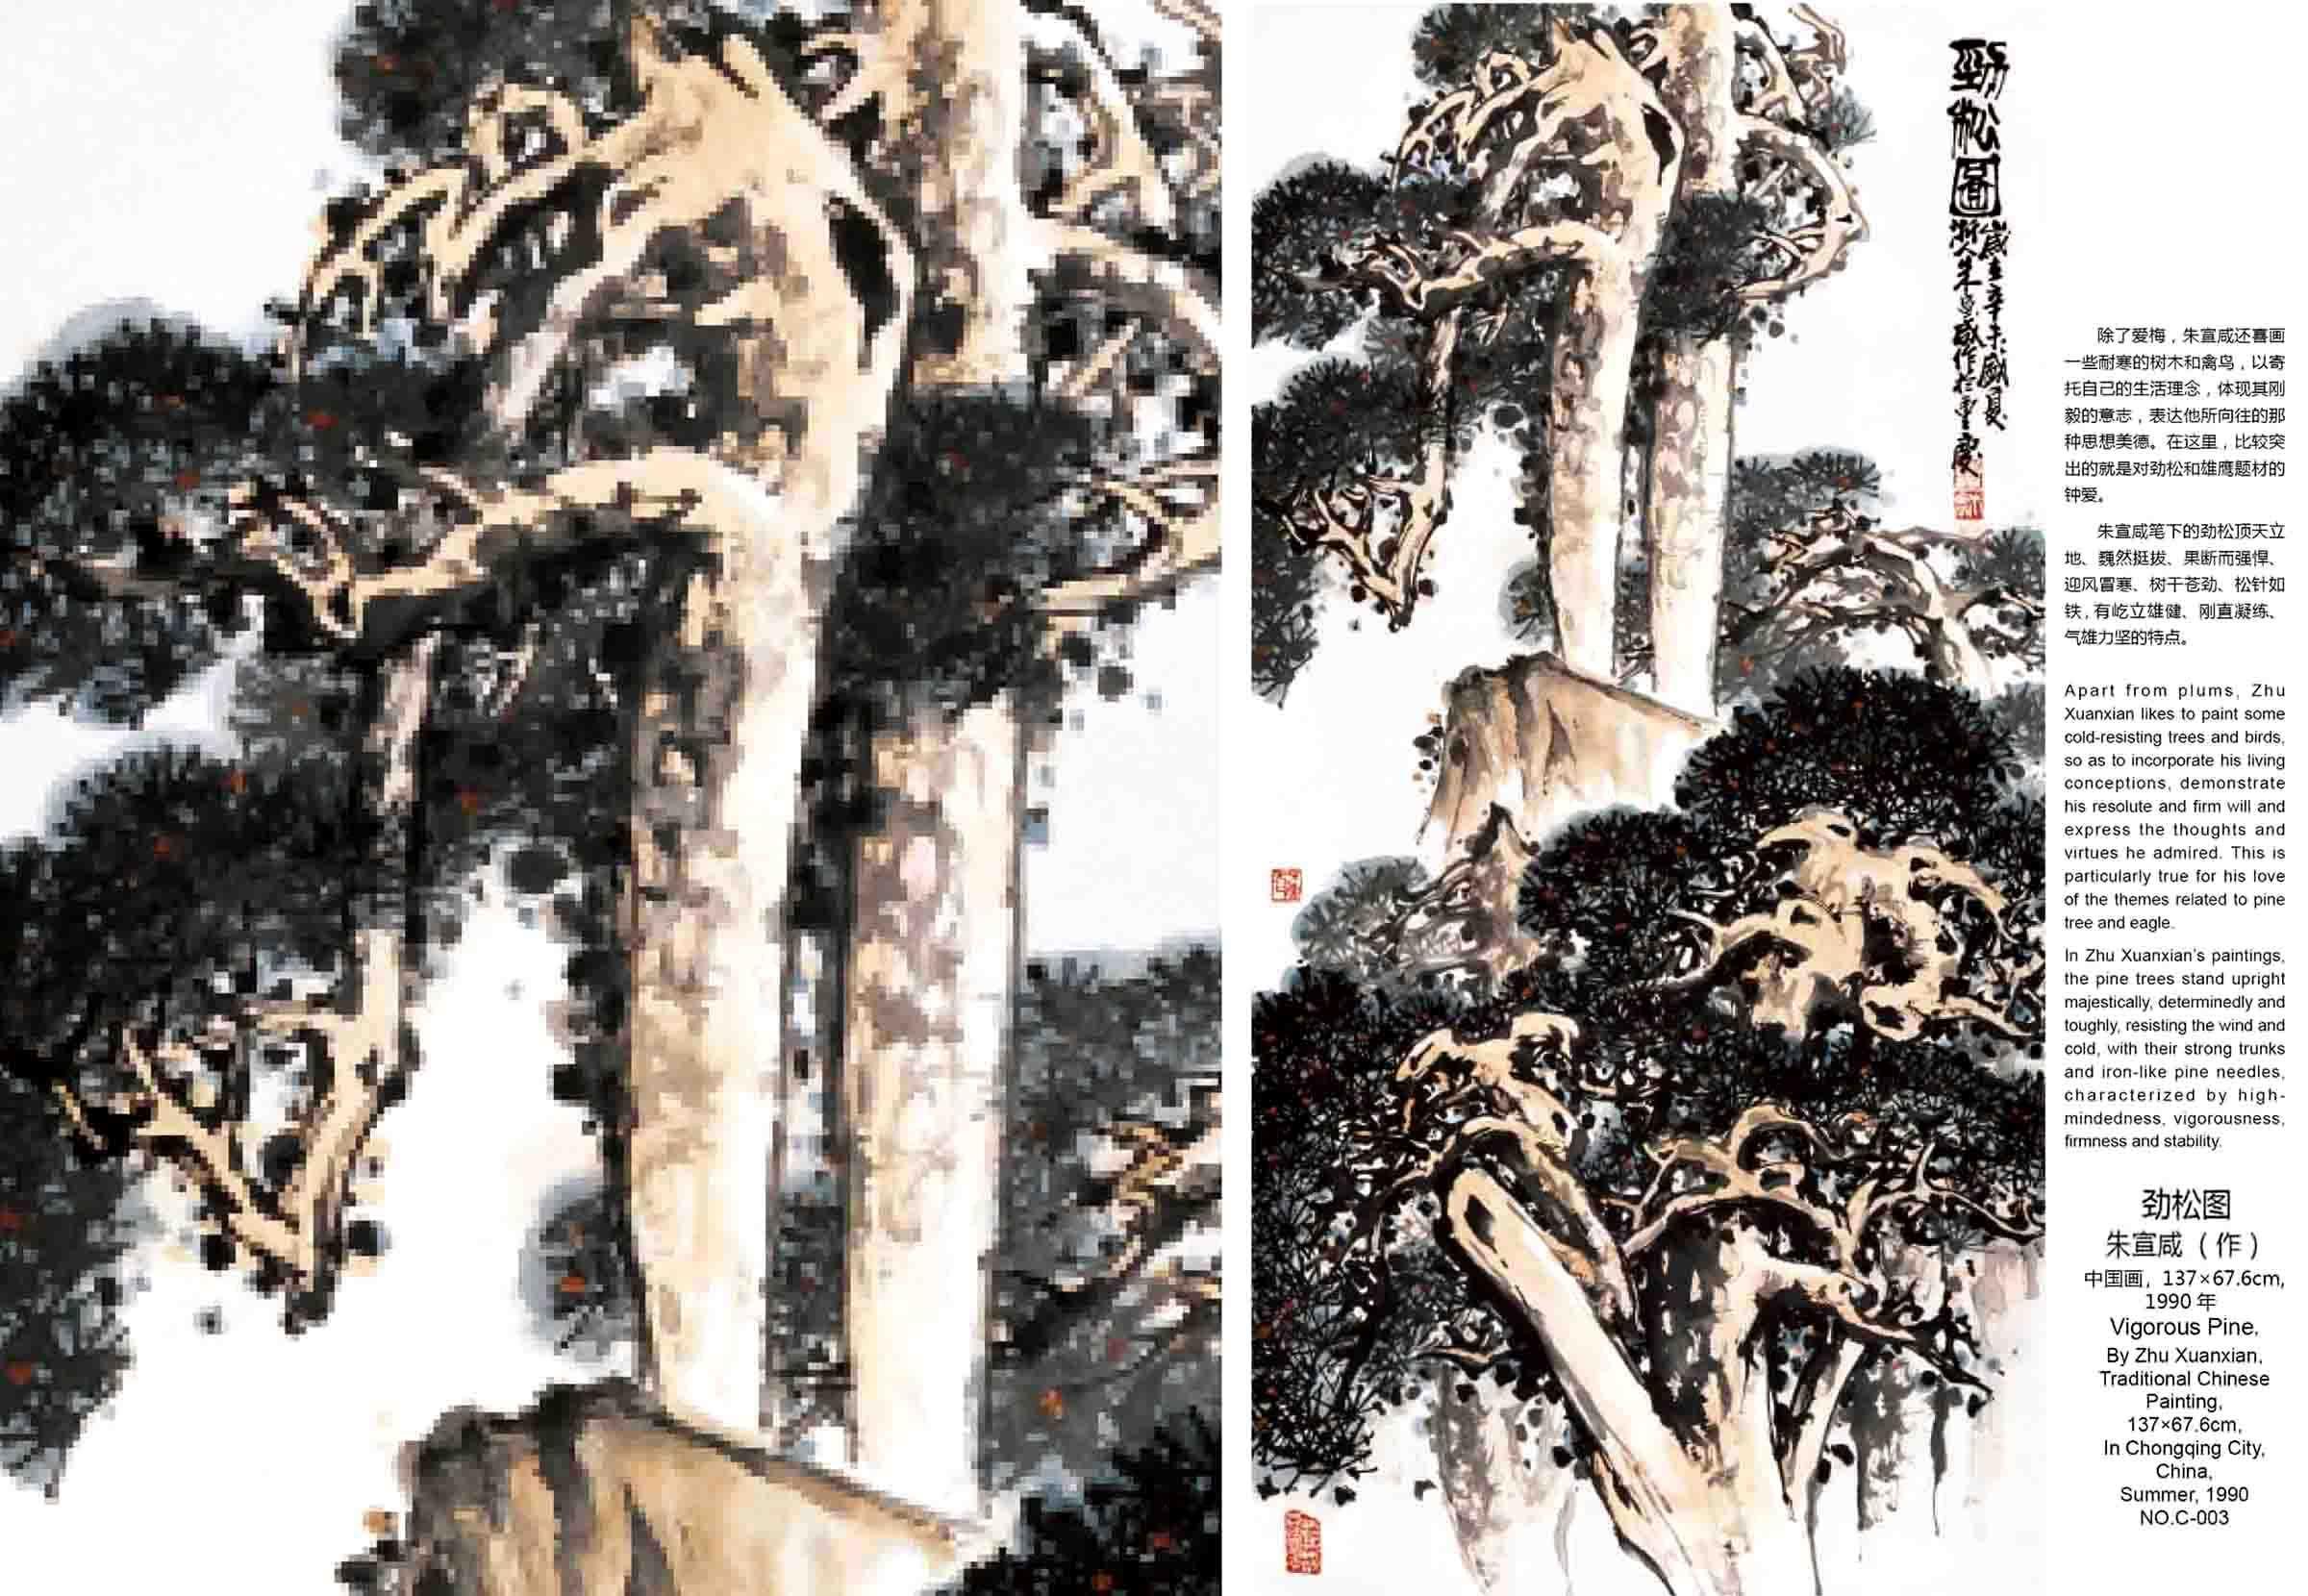 除了爱梅,朱宣咸还喜画一些耐寒的树木和禽鸟,以寄托自己的生活理念